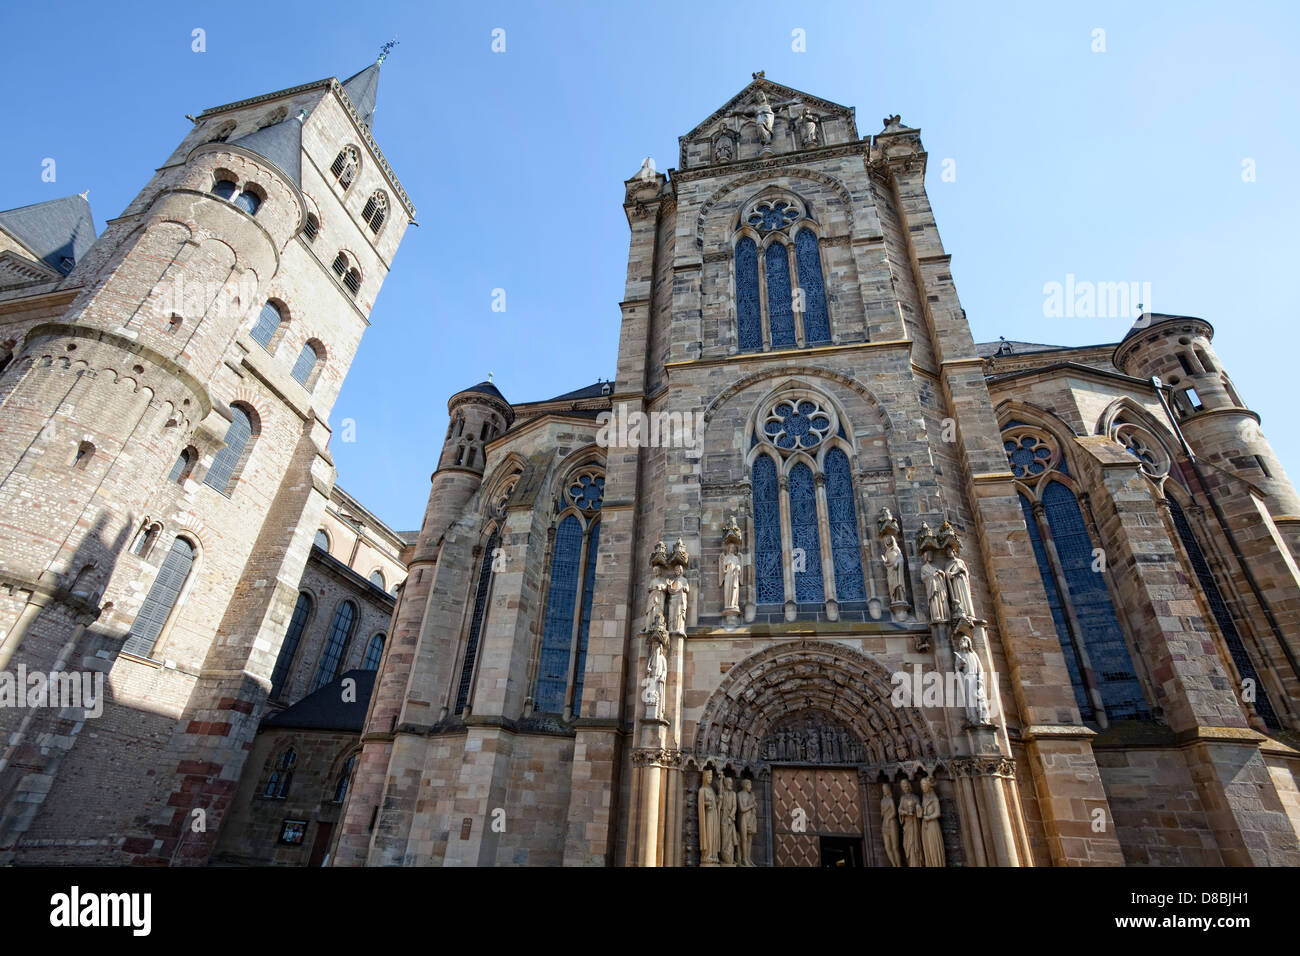 Kirche unserer lieben Frau, Cathedral of Trier, Trier, Rheinland-Pfalz, Deutschland, Europa Stockbild